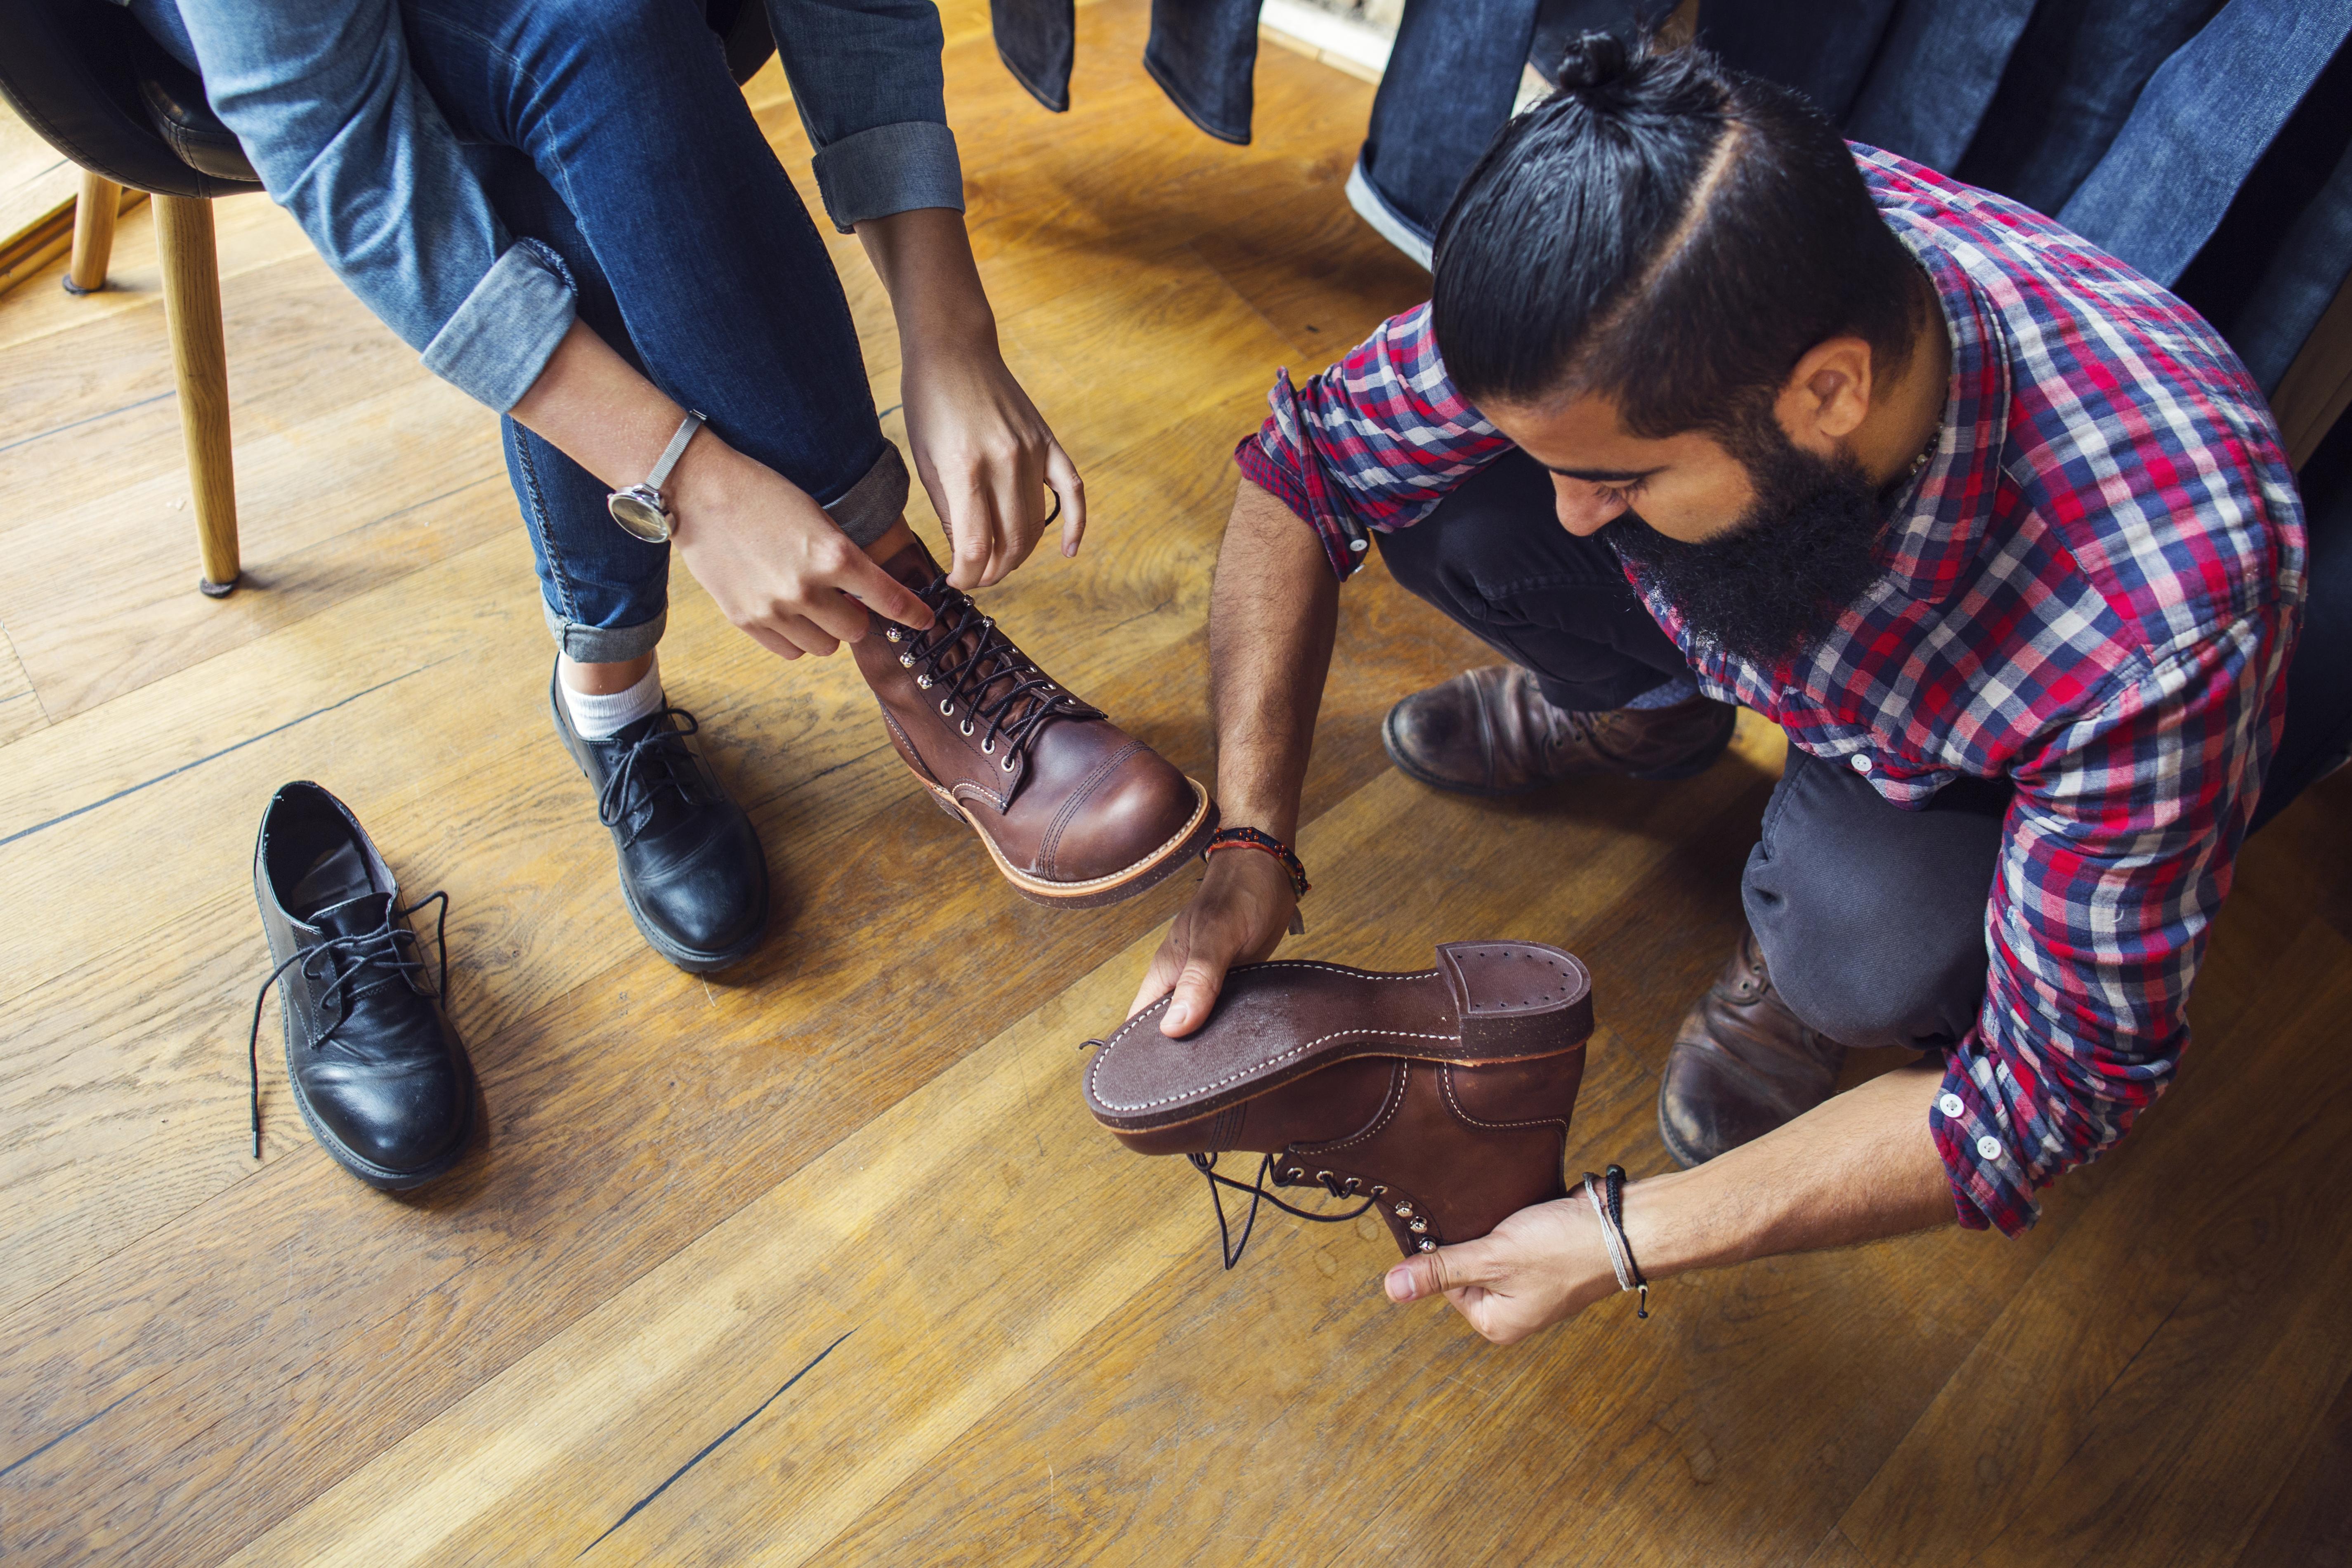 Une femme essaie des souliers dans une boutique avec son ami